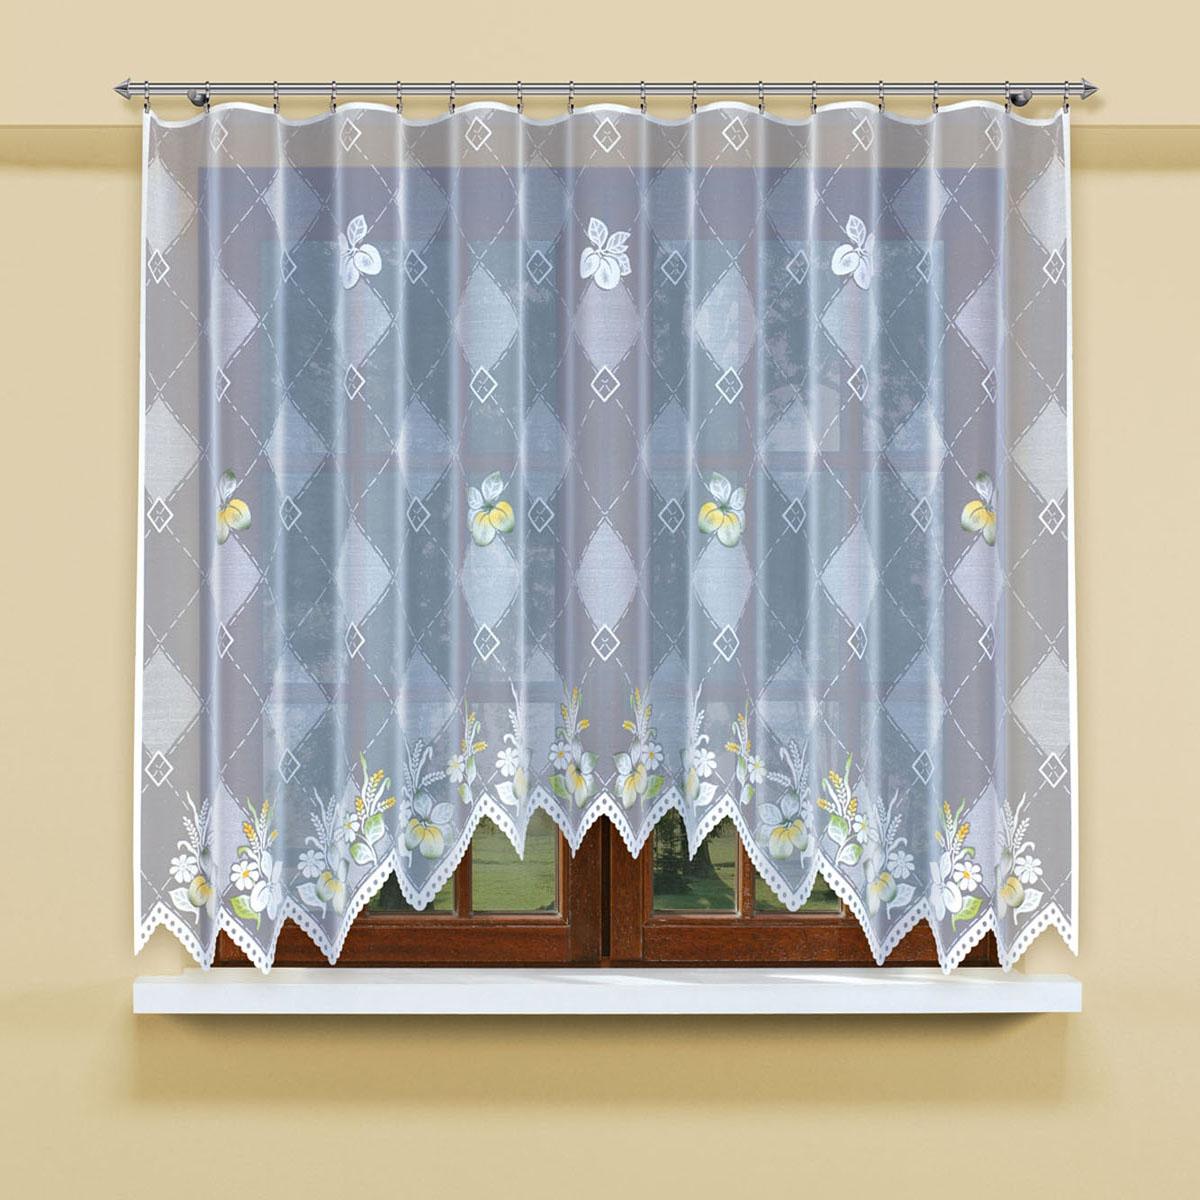 Гардина Haft, цвет: белый, ширина 300 см, высота 160 см. 206900/160SVC-300Гардина-арка из жаккардовой ткани, выполненная в белом цвете с чередующимся по тону ромбическим узором и крашенным рисунком цветовРазмеры: высота 160 см*ширина 300см